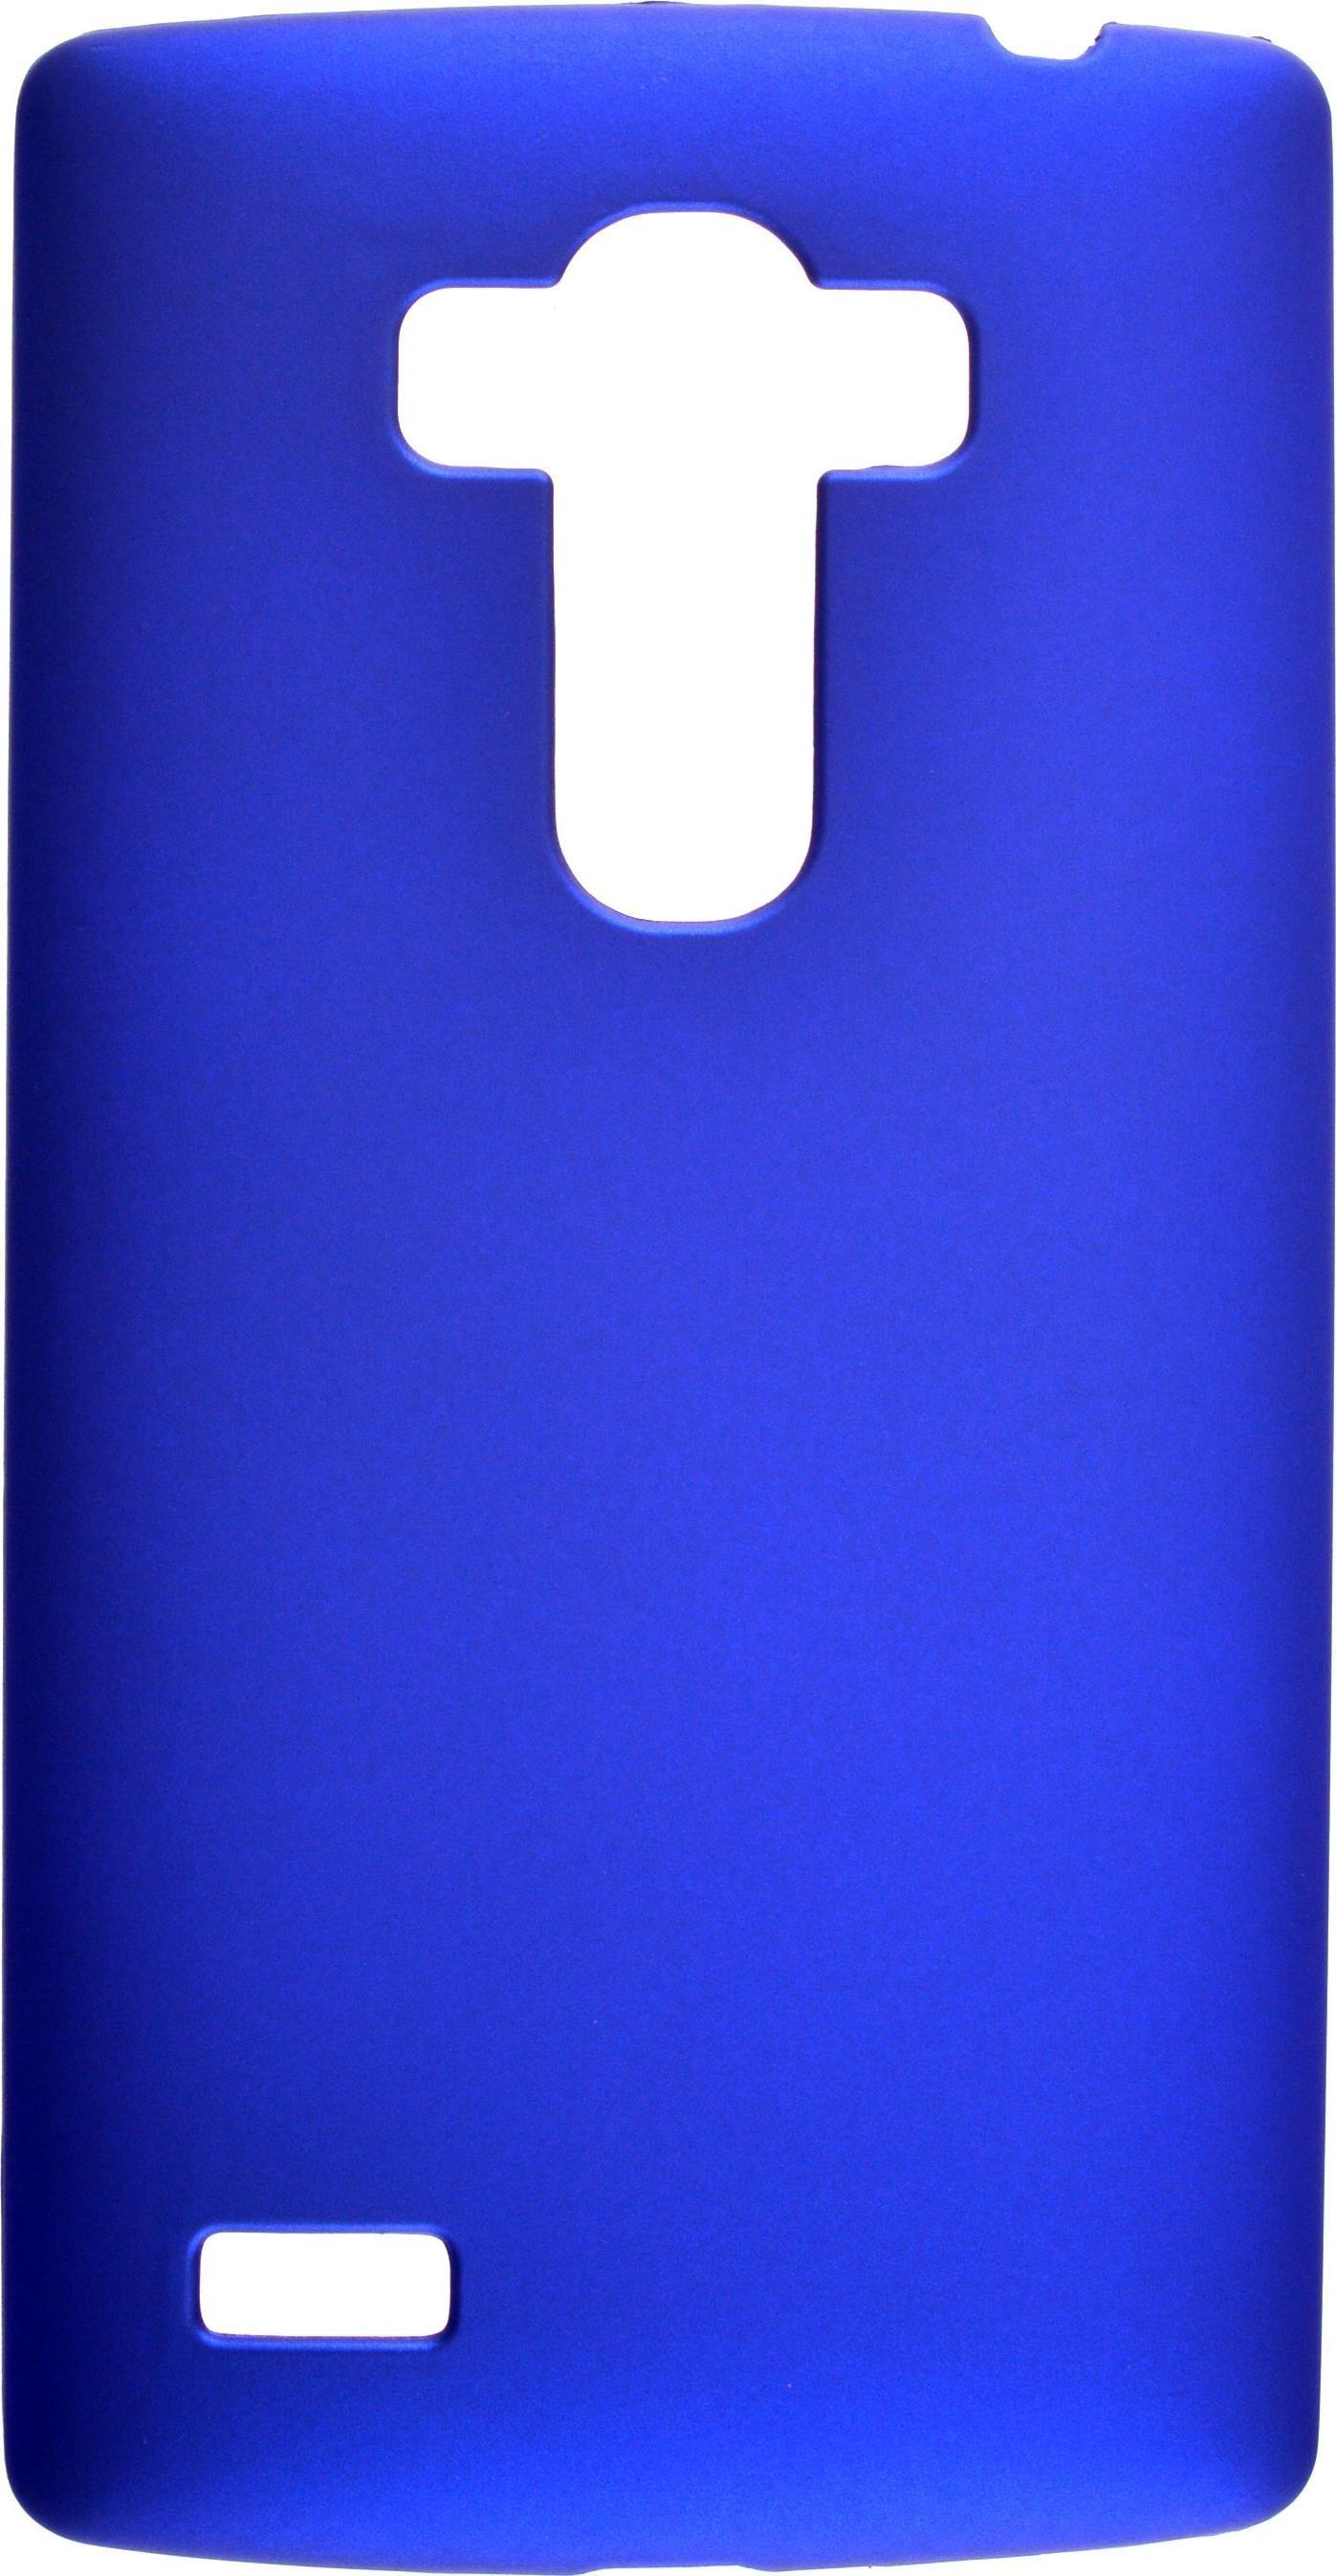 Чехол для сотового телефона skinBOX 4People, 4630042527218, синий чехол для sony e6683 xperia z5 skinbox 4people черный